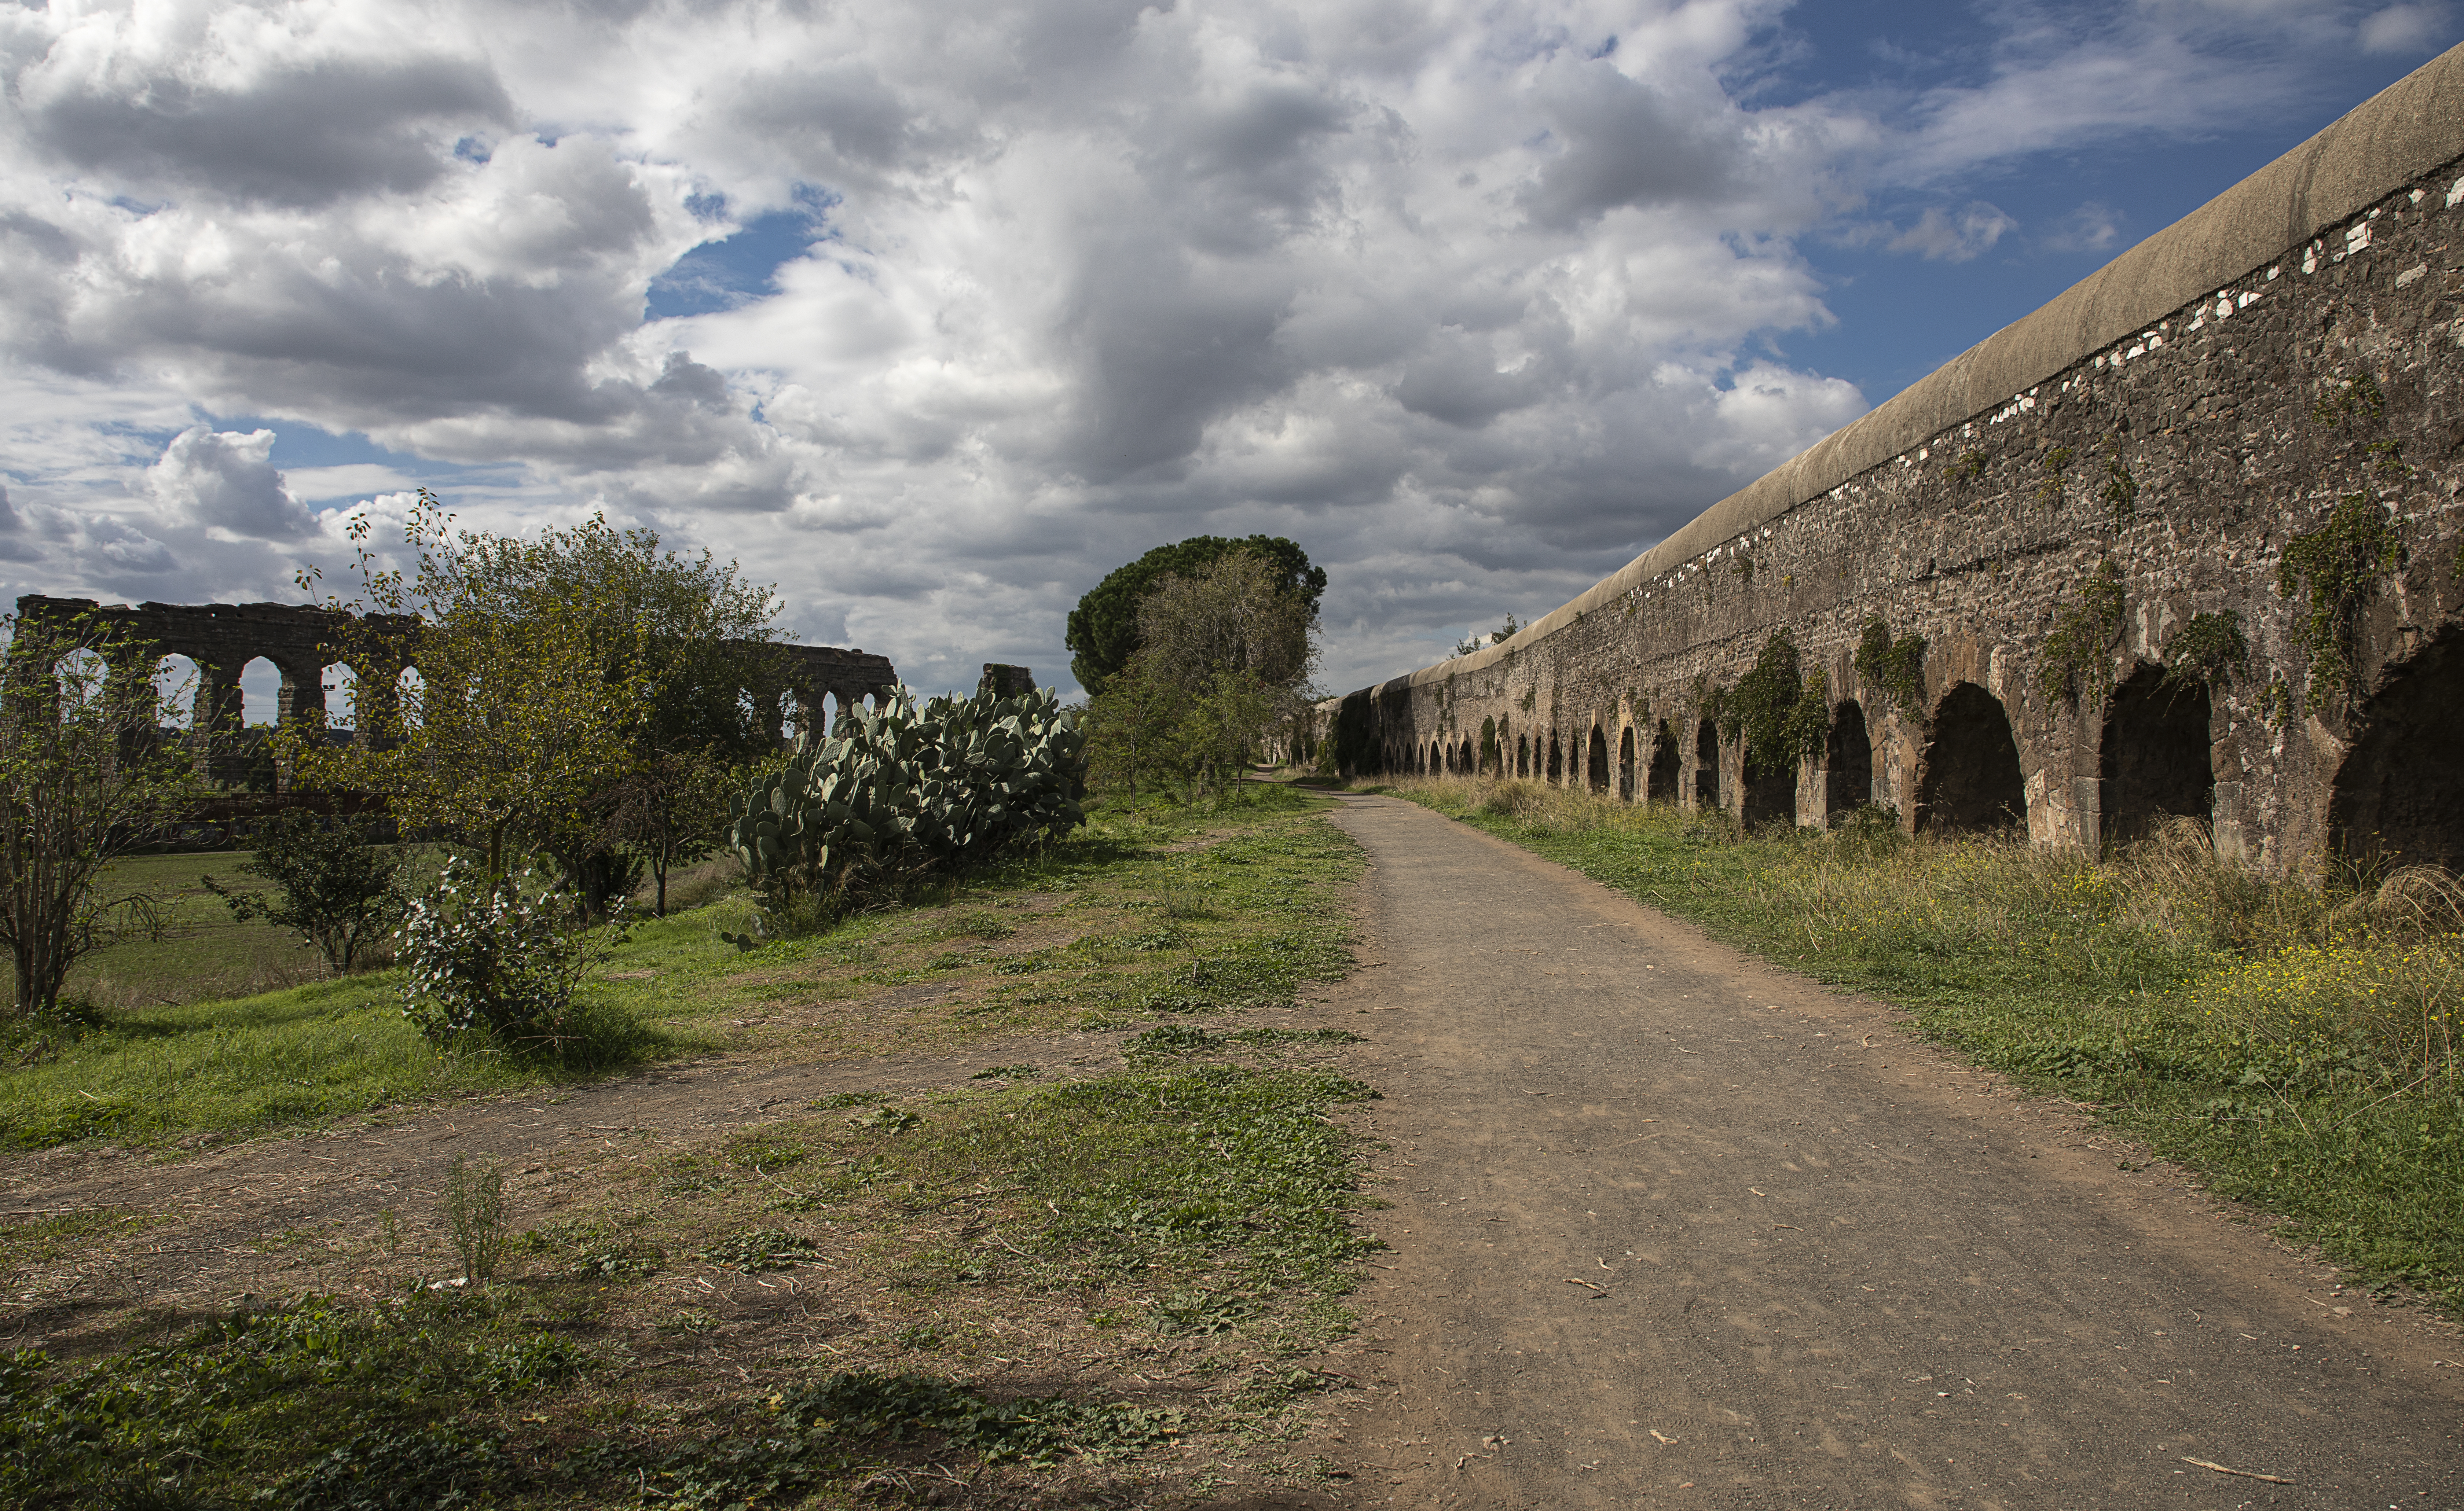 Casa Dolce Casa Roma parco degli acquedotti - wikipedia